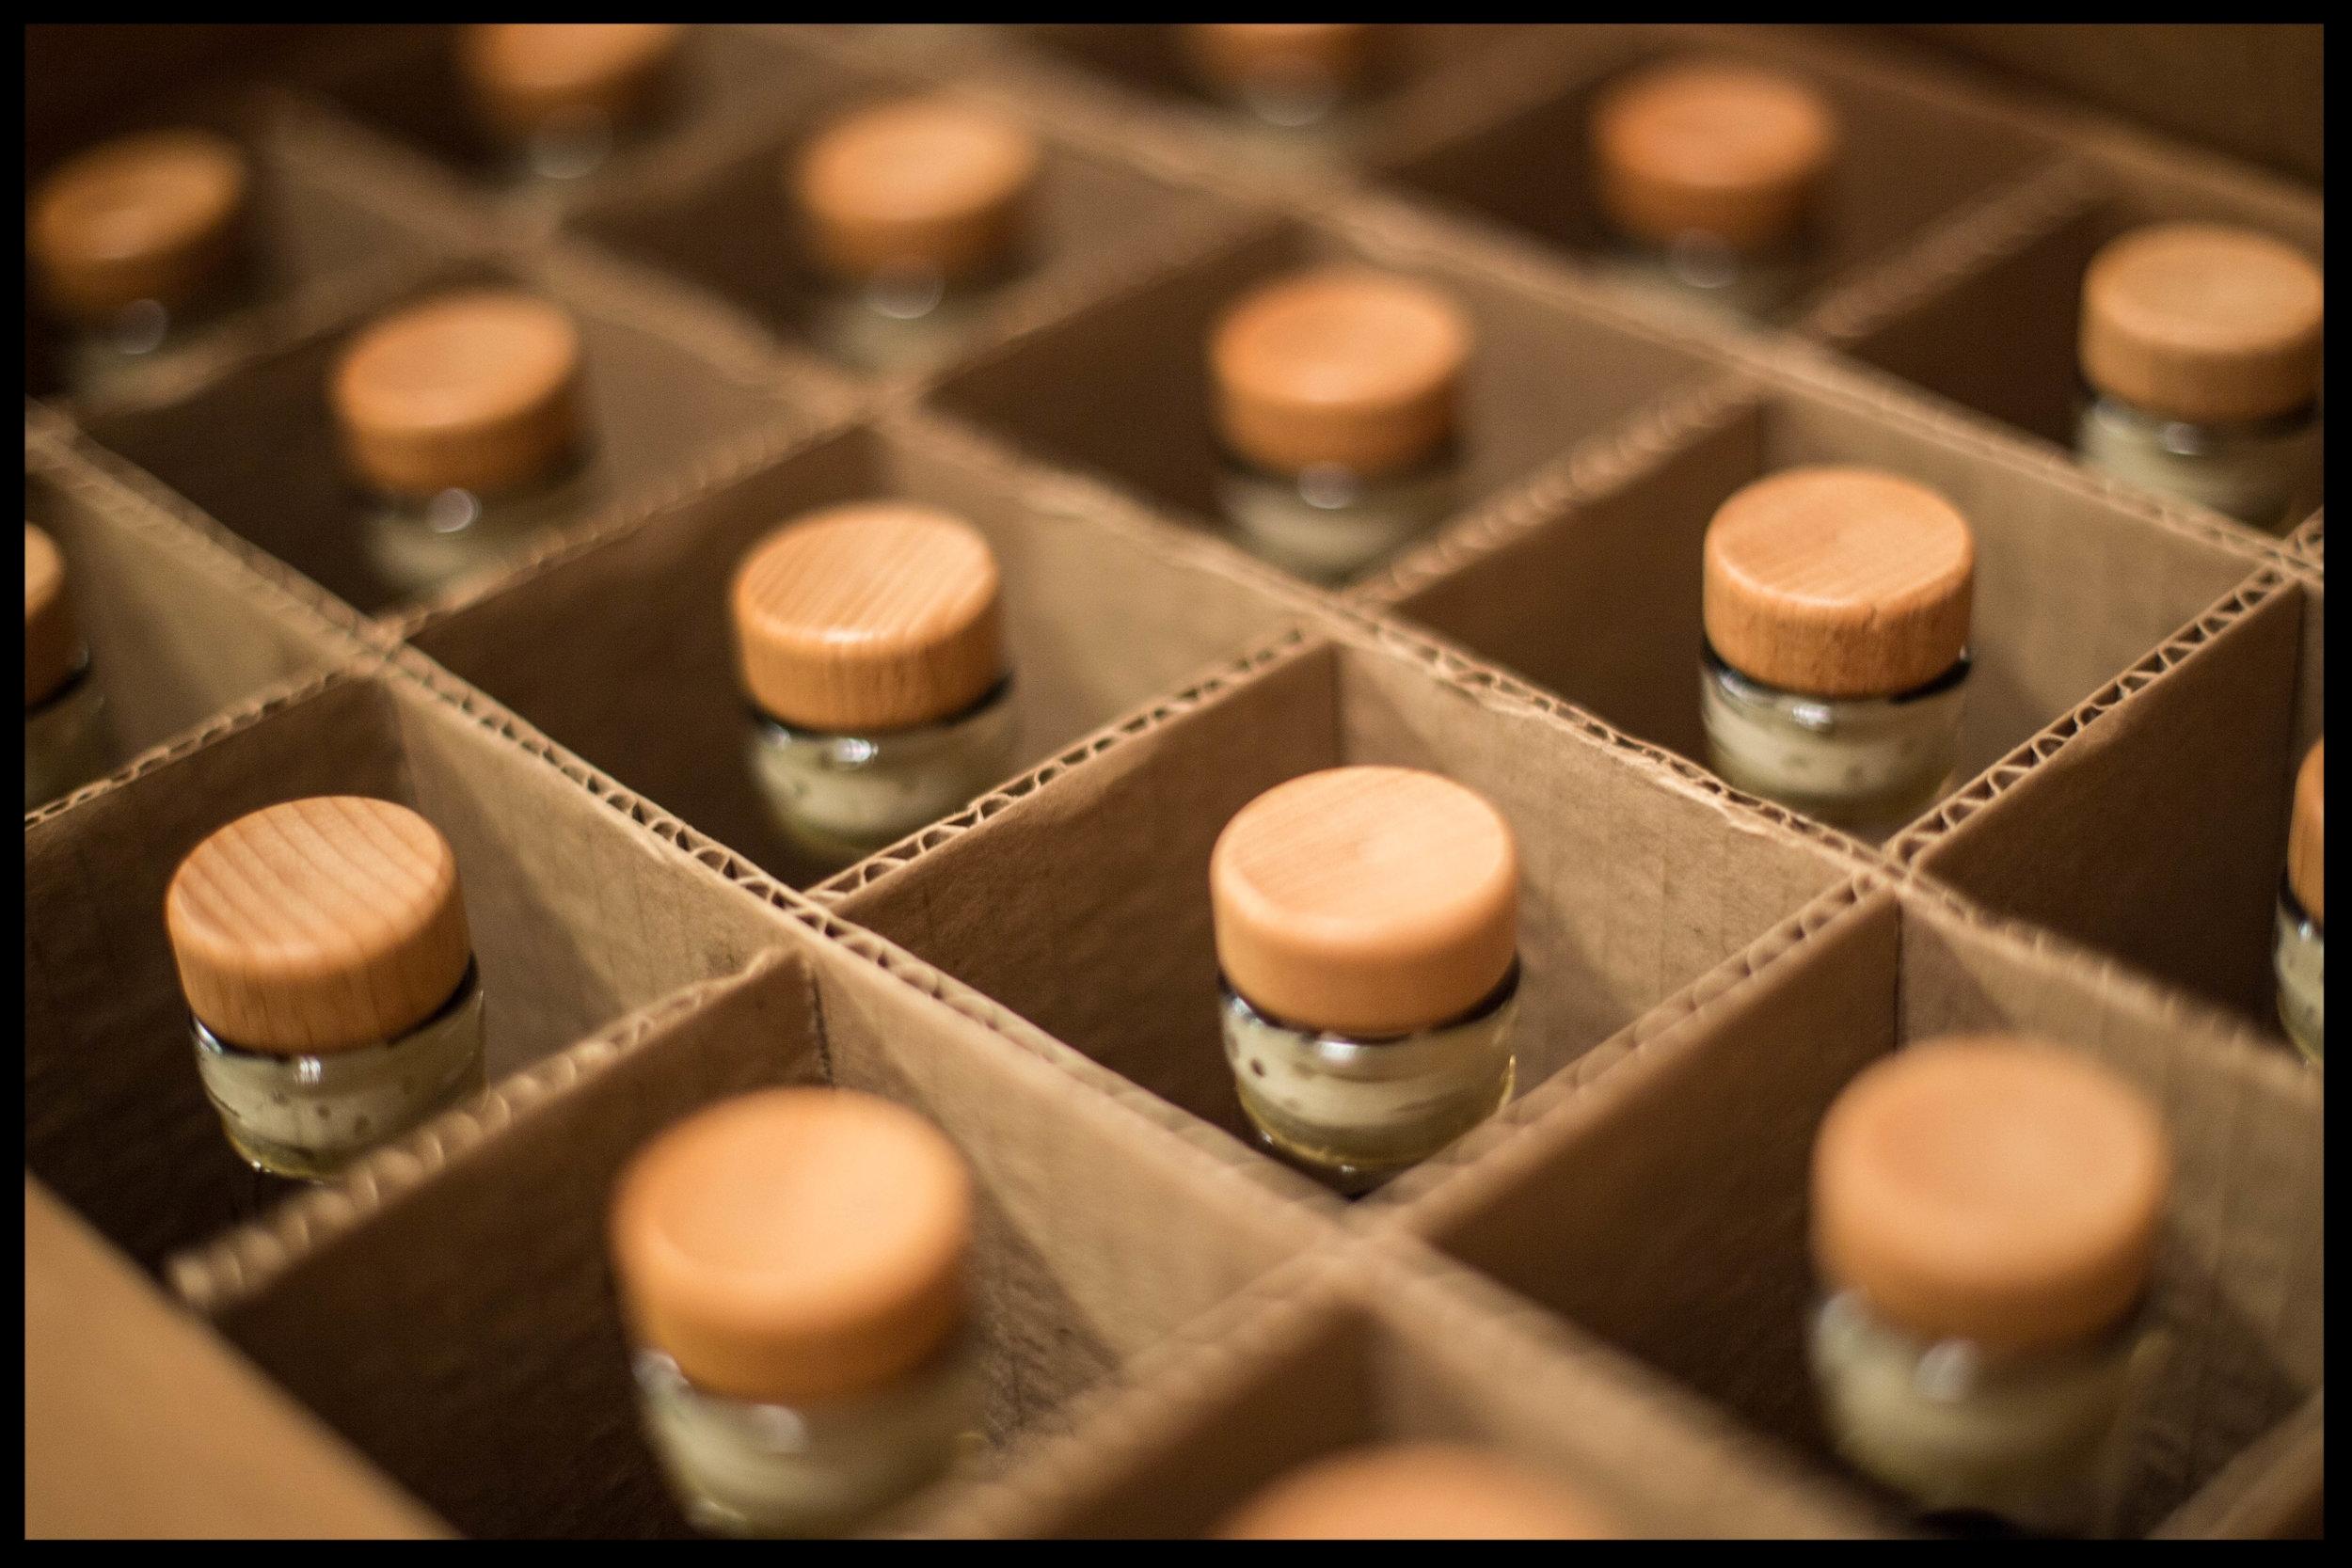 bourbon bottles in box.jpg